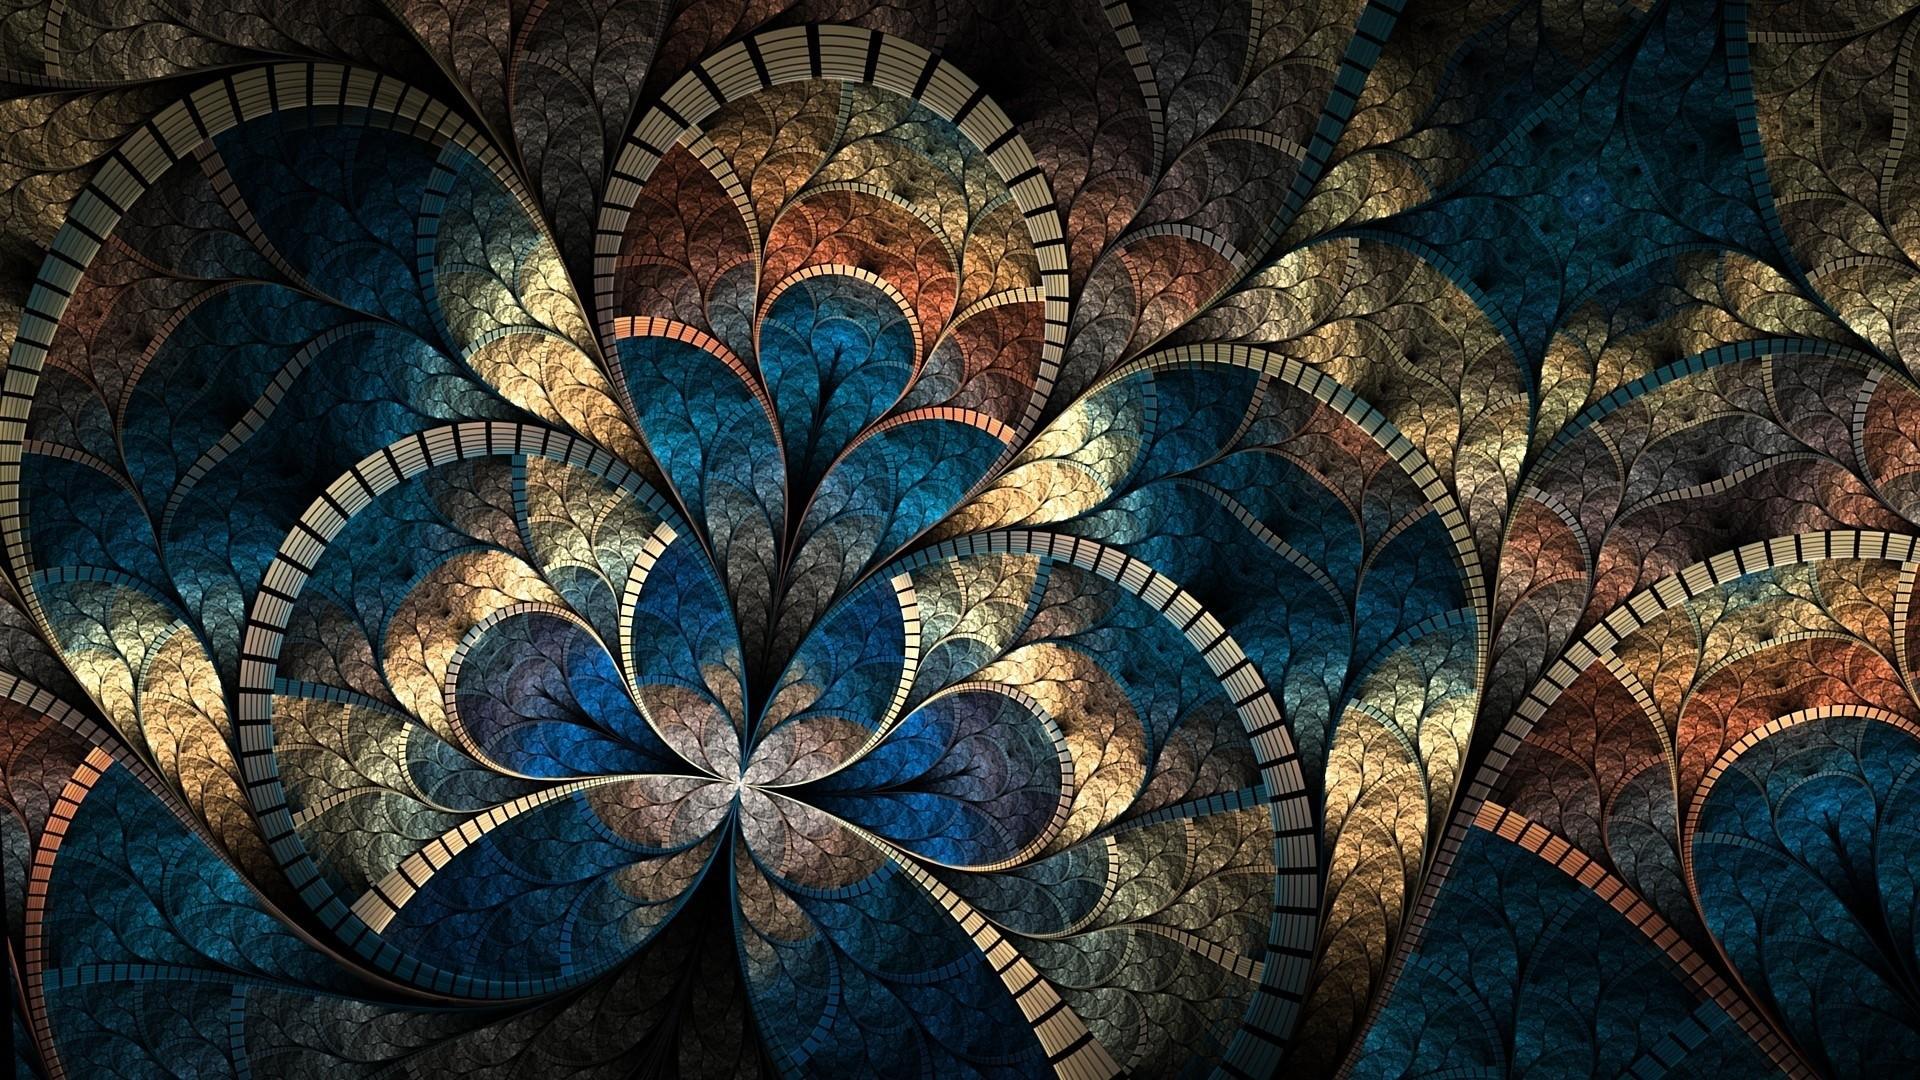 интересные картинки фоны форме новогодней елочки